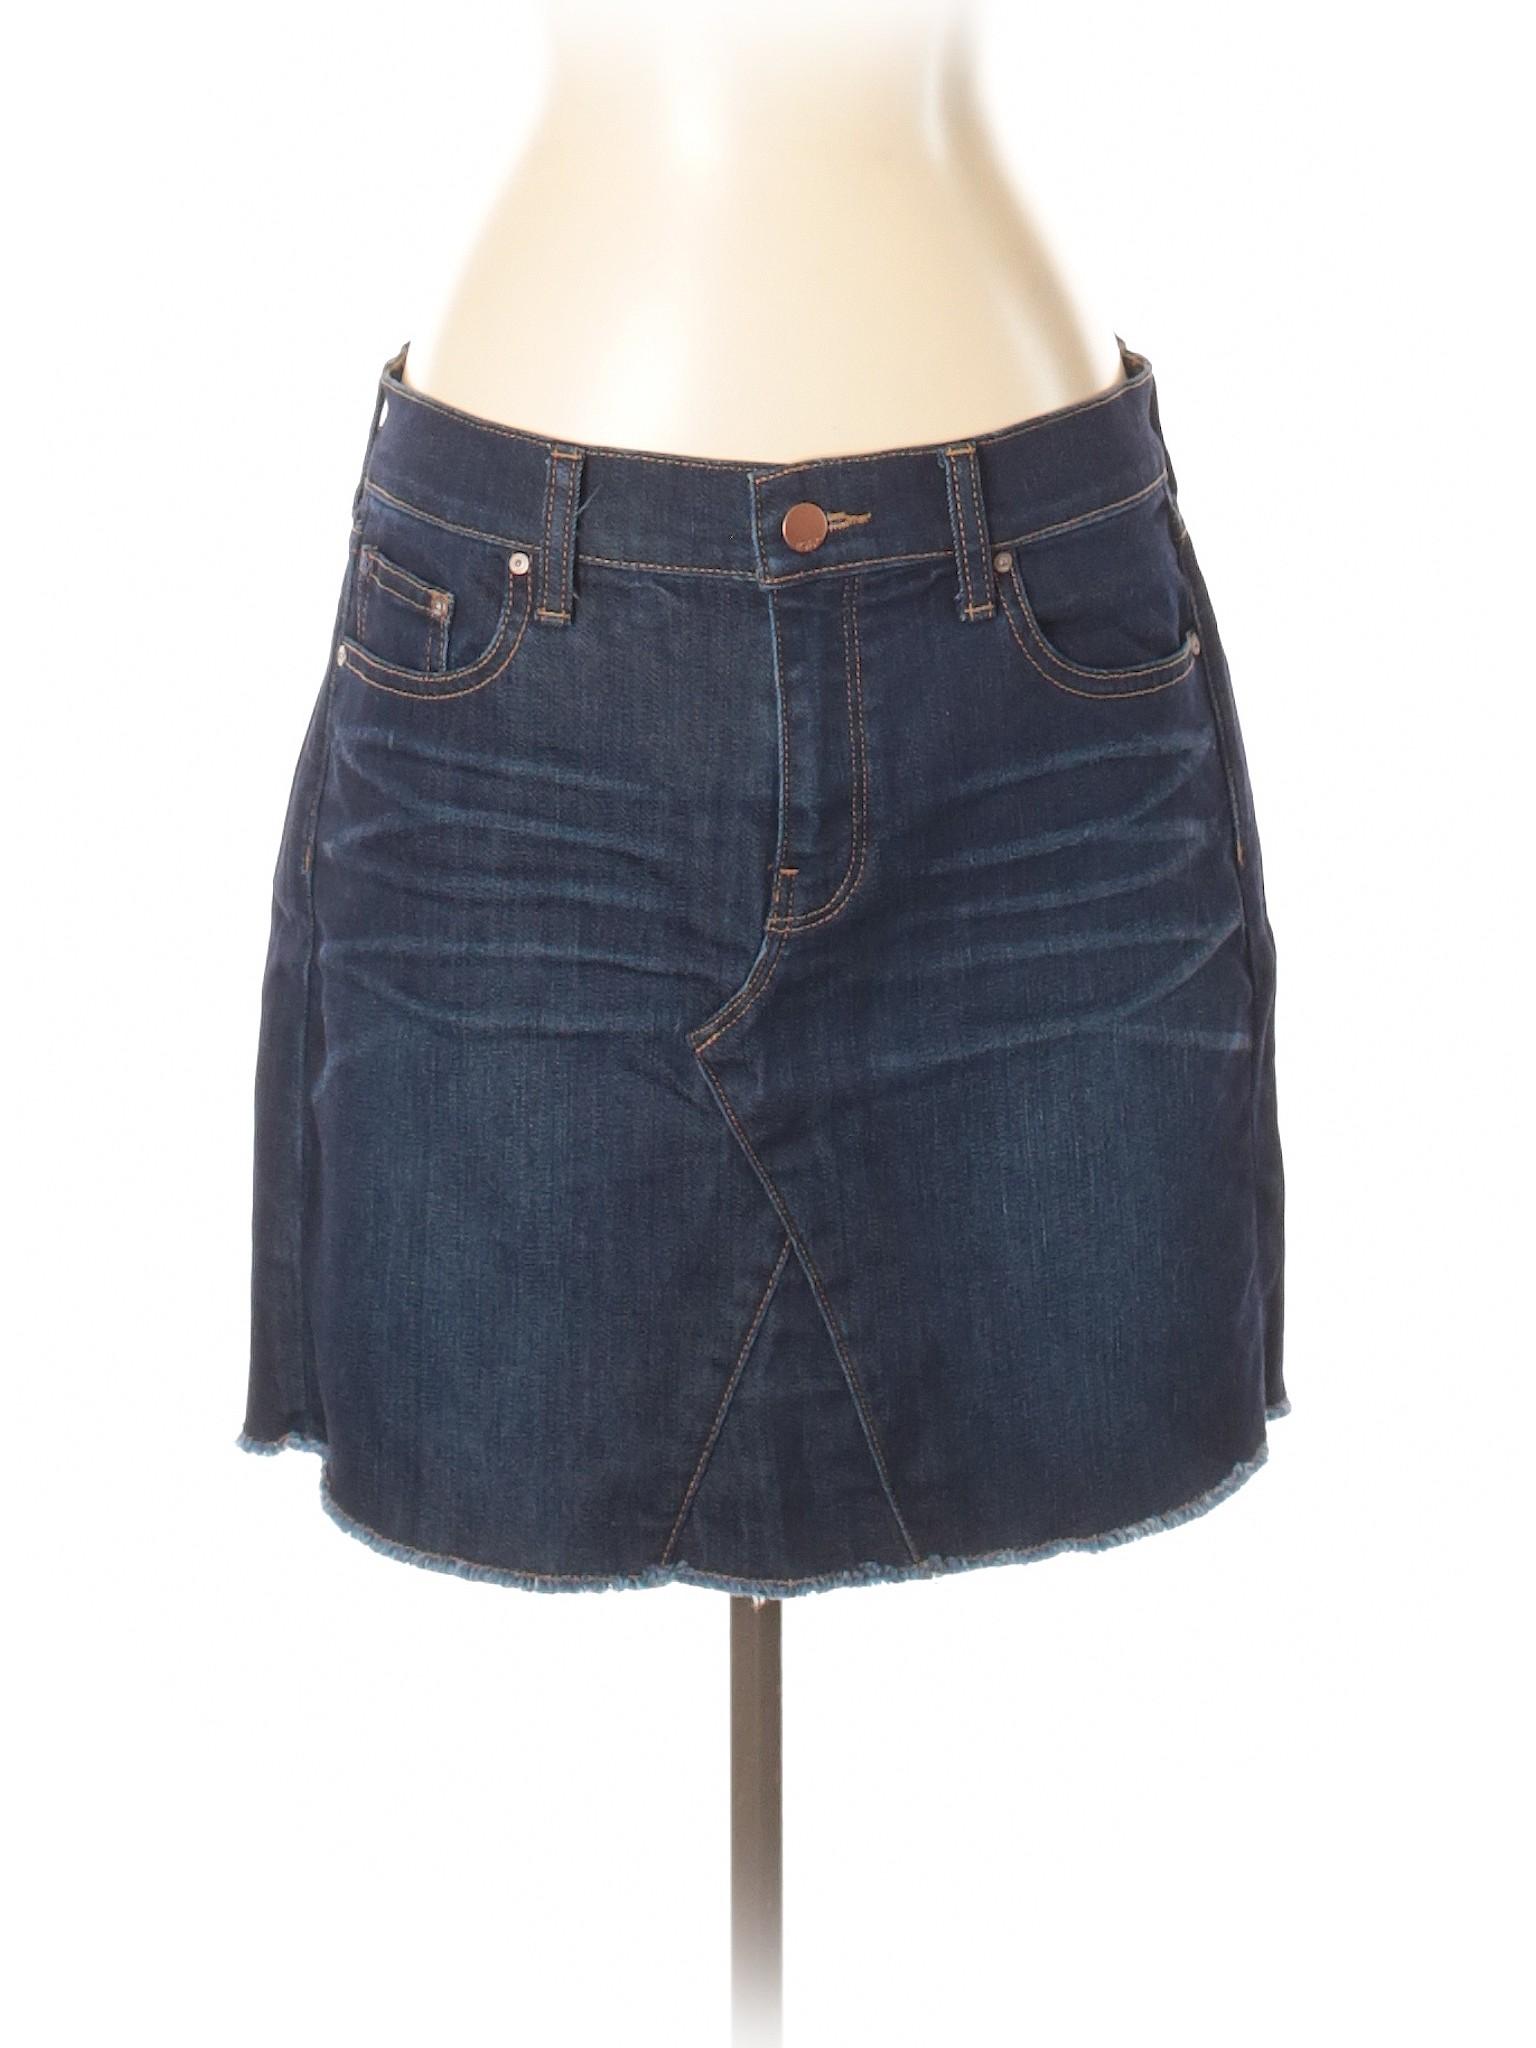 Gap Denim Boutique leisure Skirt leisure Boutique fdRwxqtHwP